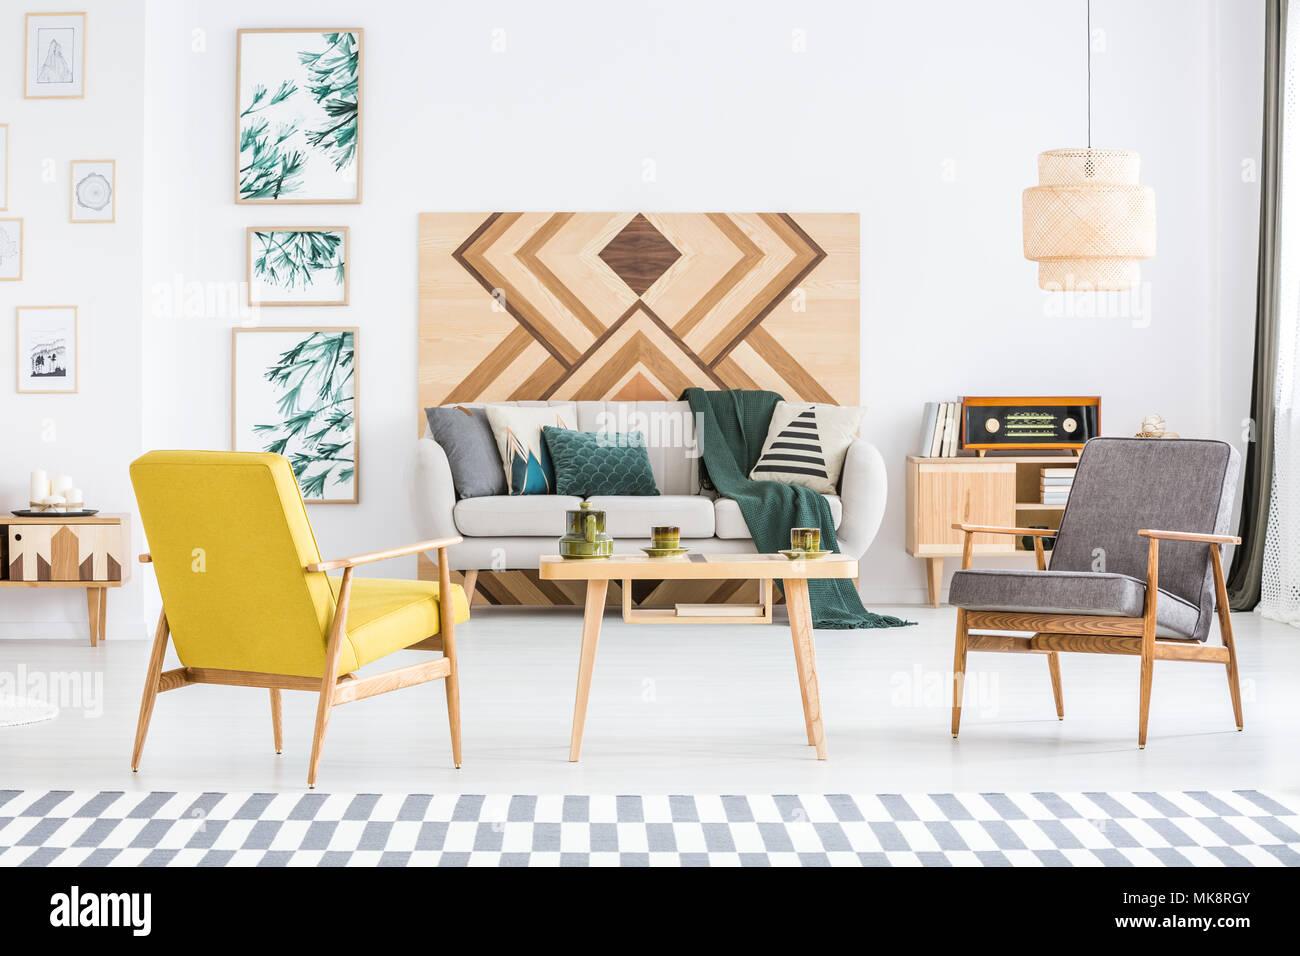 Gelb Und Grau Holz Sessel Im Wohnzimmer Einrichtung Mit Grünen Decke Auf  Sofa